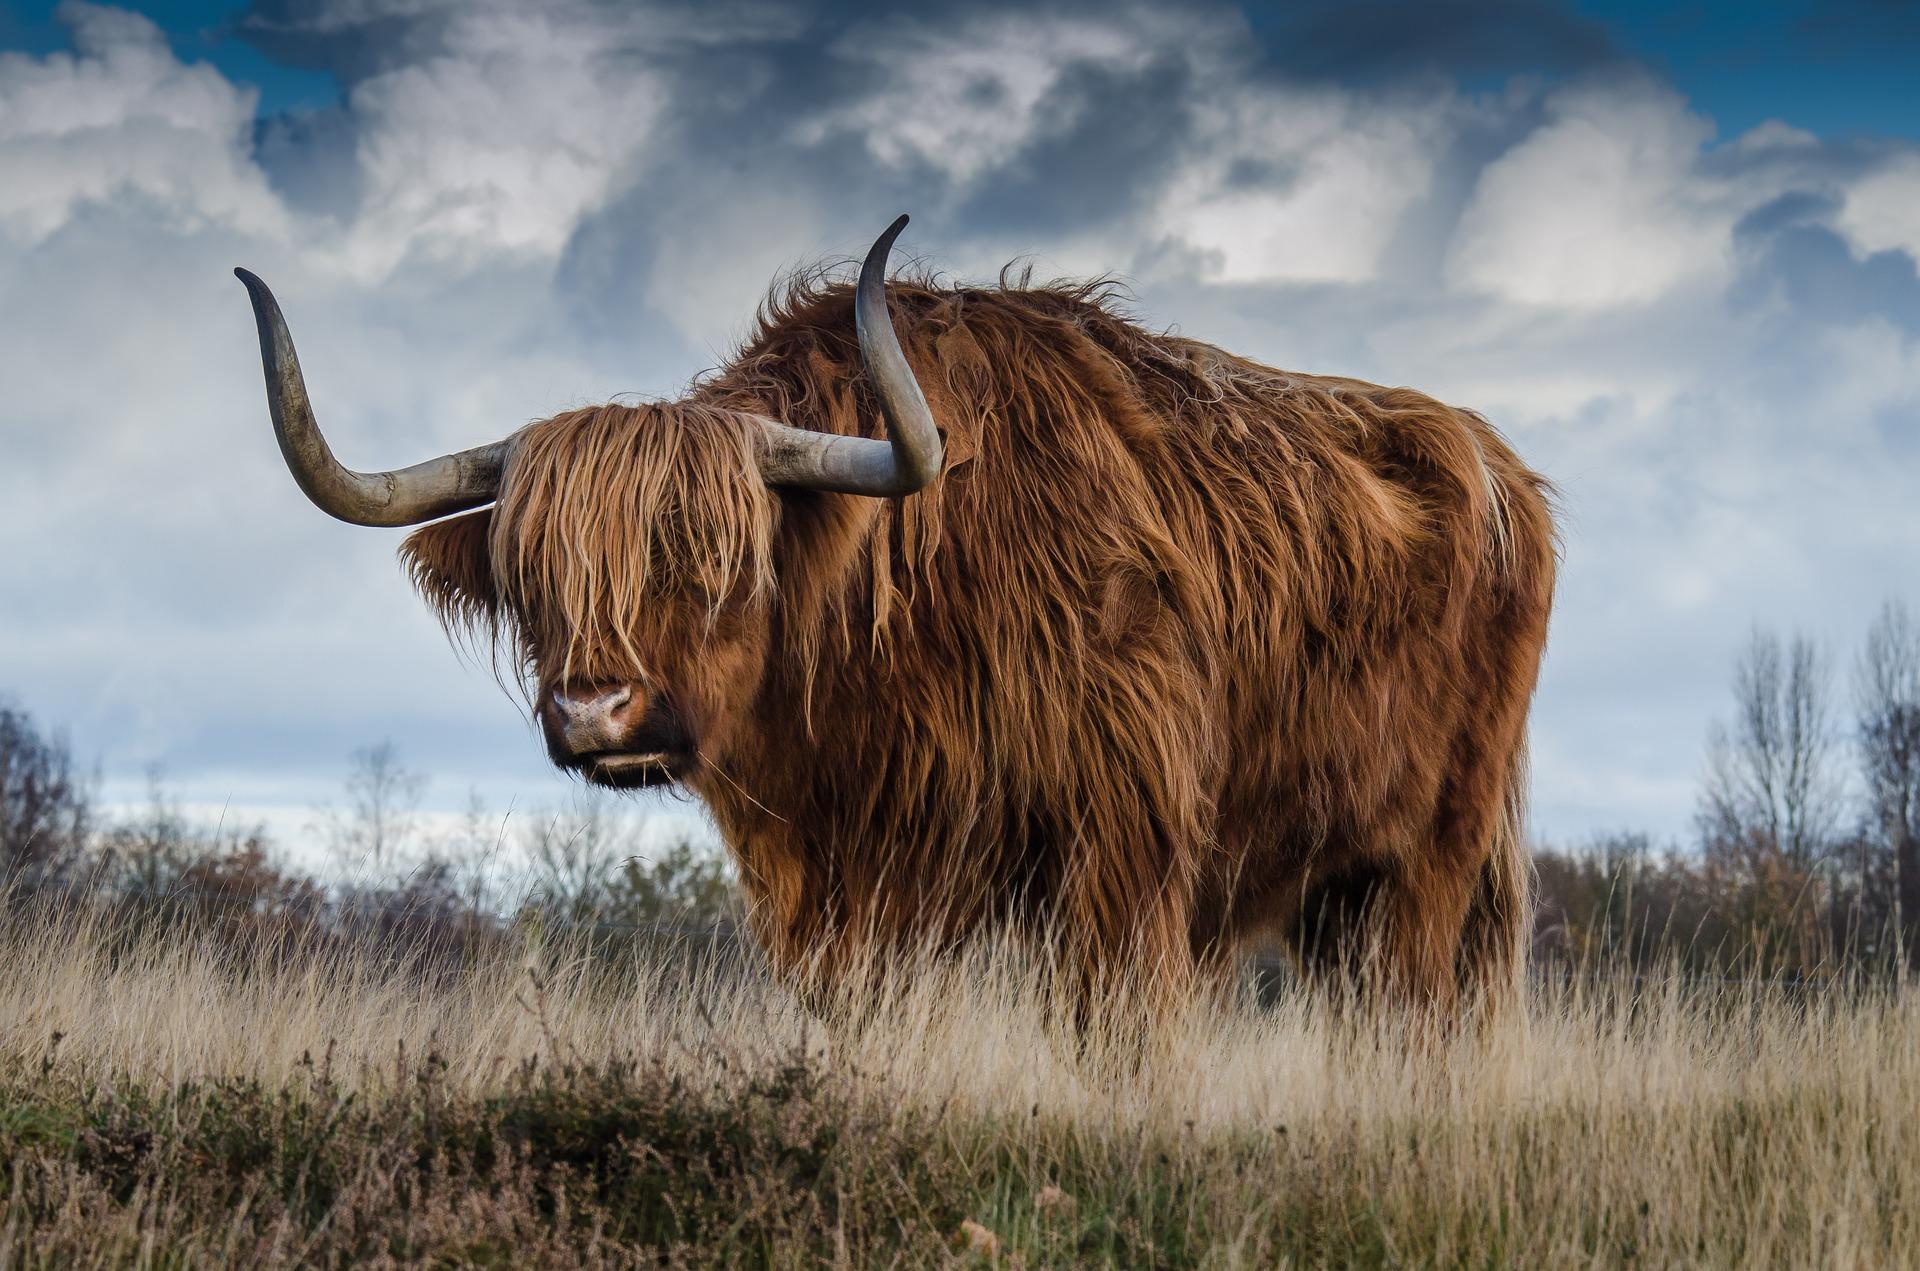 bull-1575003-1920.jpg